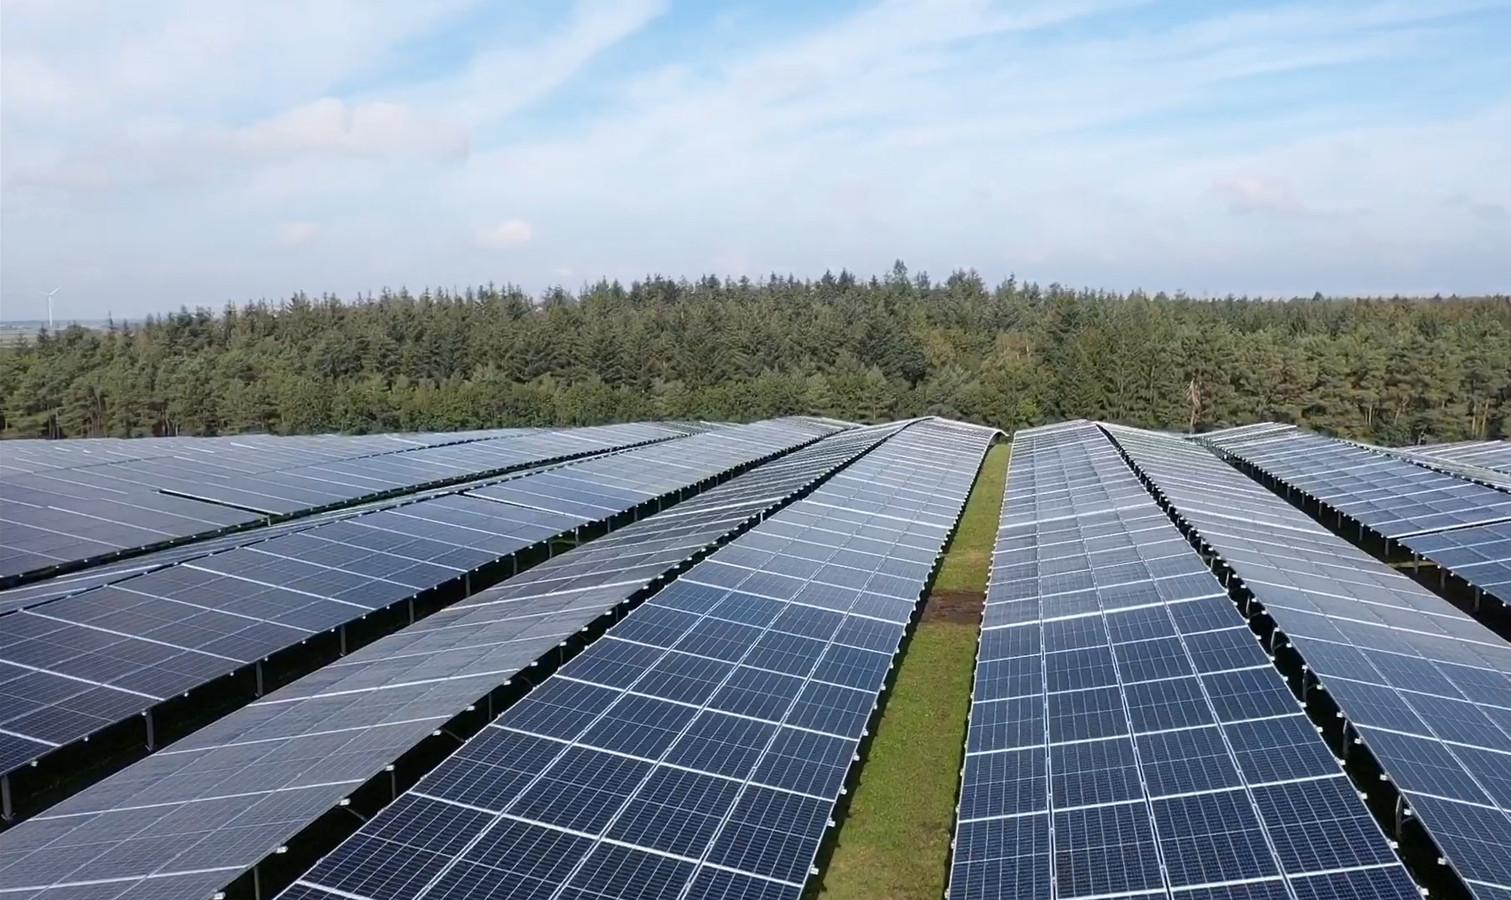 Met een zonnefonds profiteren inwoners van de naastgelegen dorpen van de vestiging van een zonneveld.